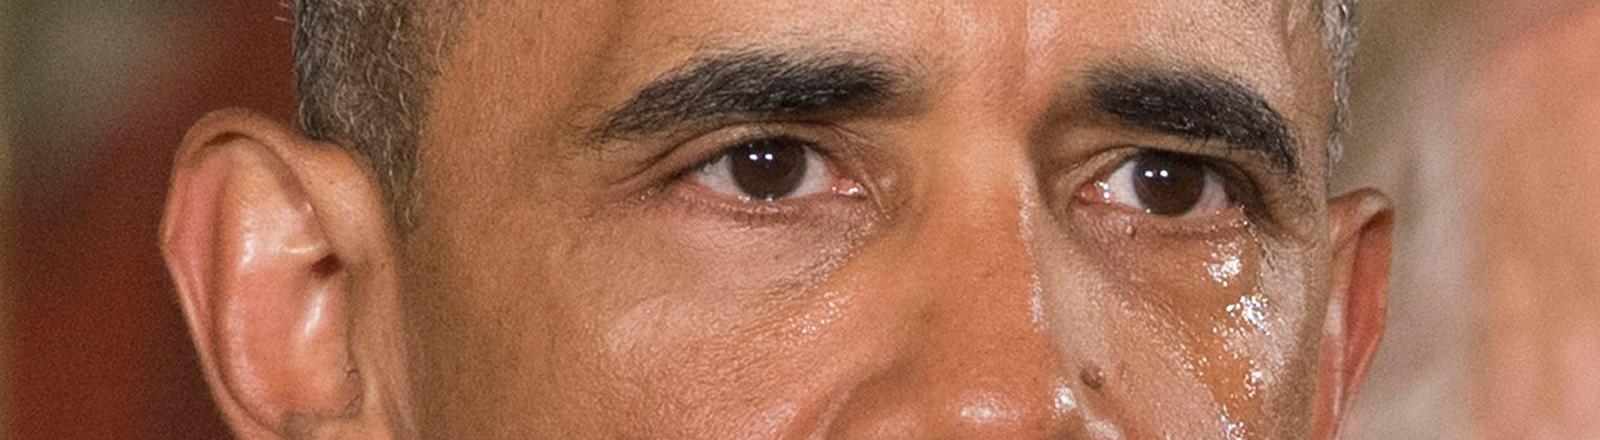 US-Präsident Obama weint bei seiner Rede zum Thema Waffenbesitz